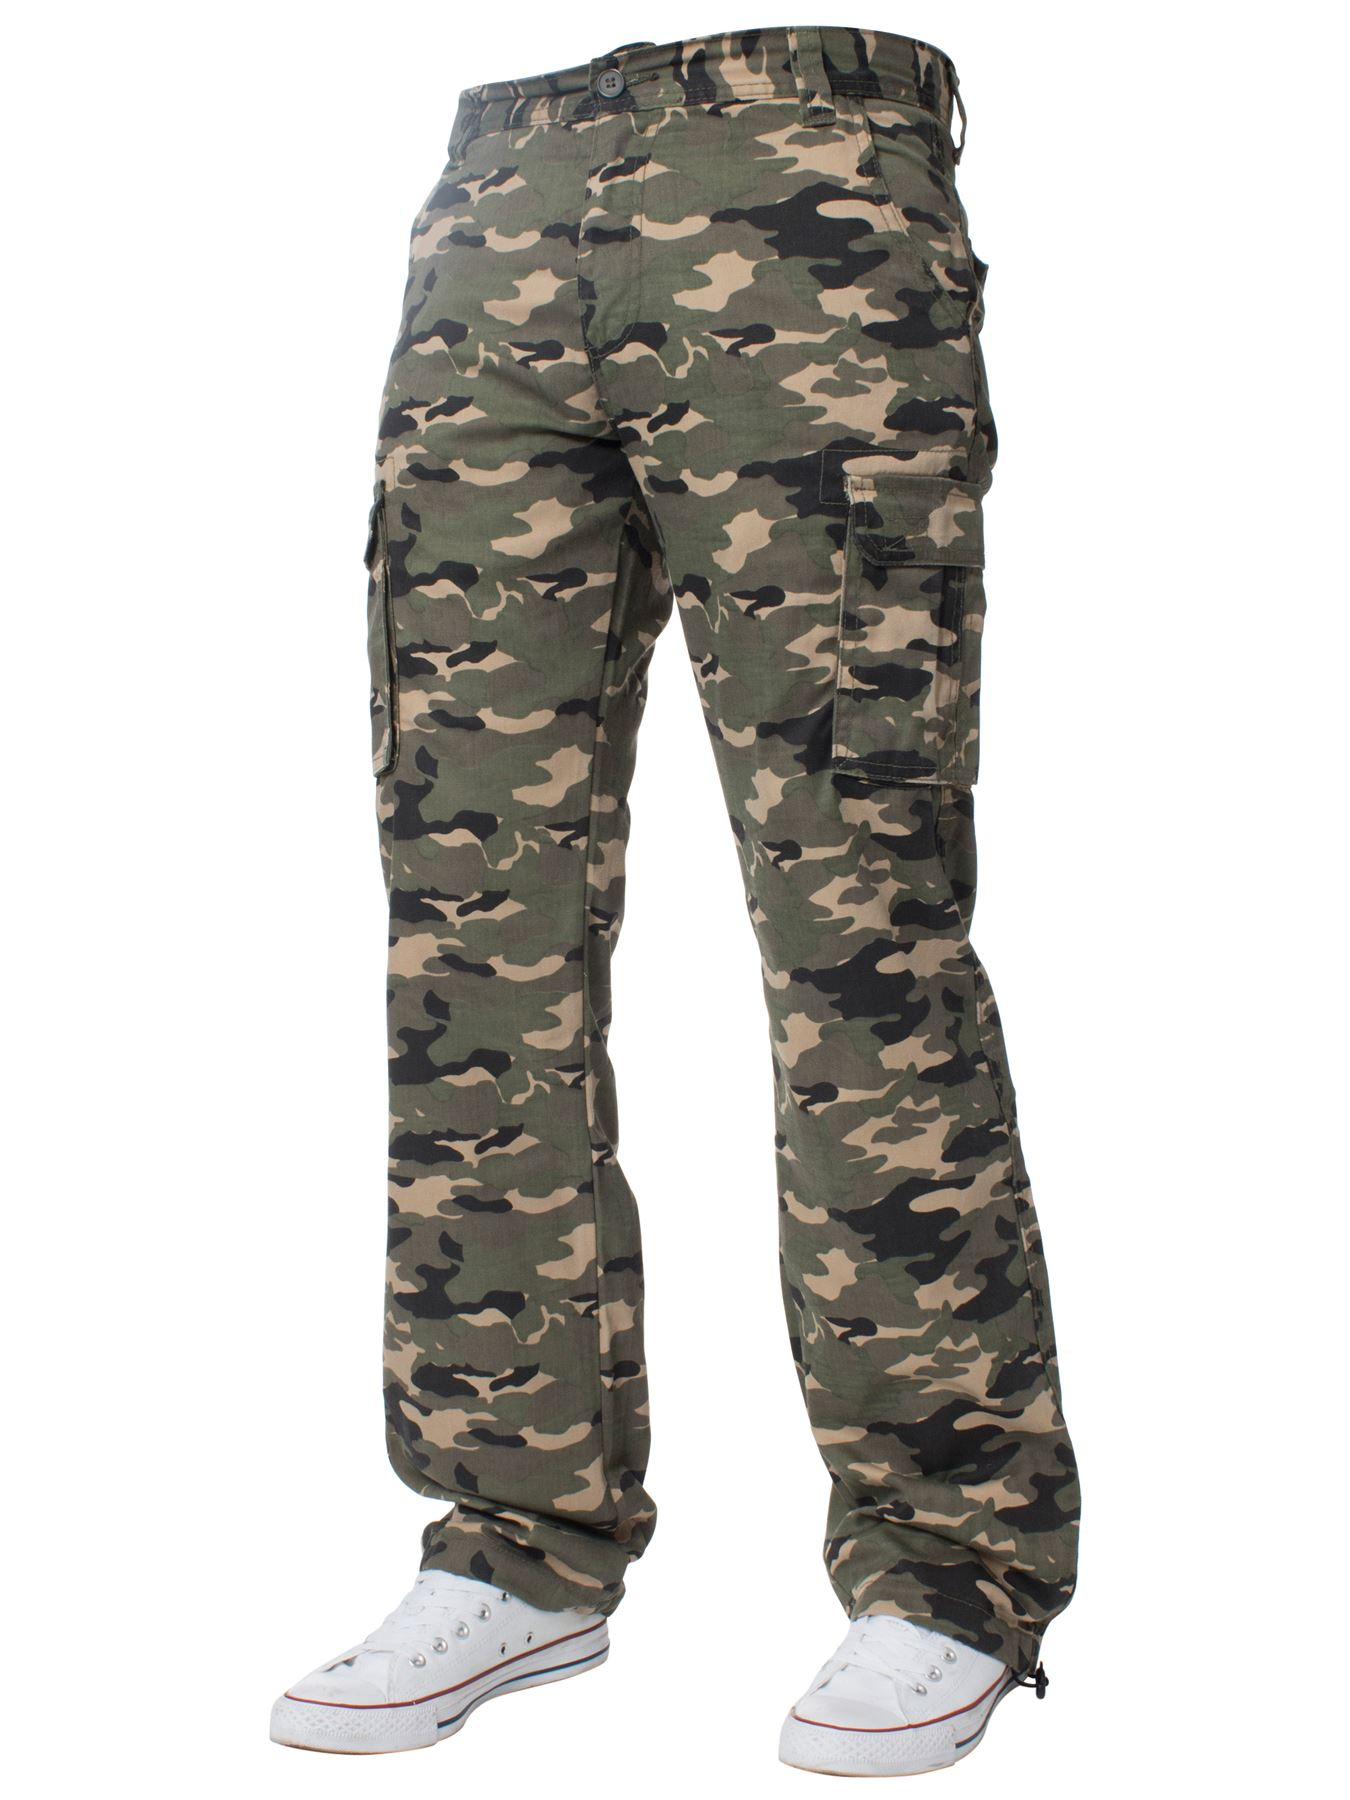 Kruze-Uomo-Militare-Pantaloni-Camouflage-Cargo-Mimetico-Casual-Lavoro miniatura 15